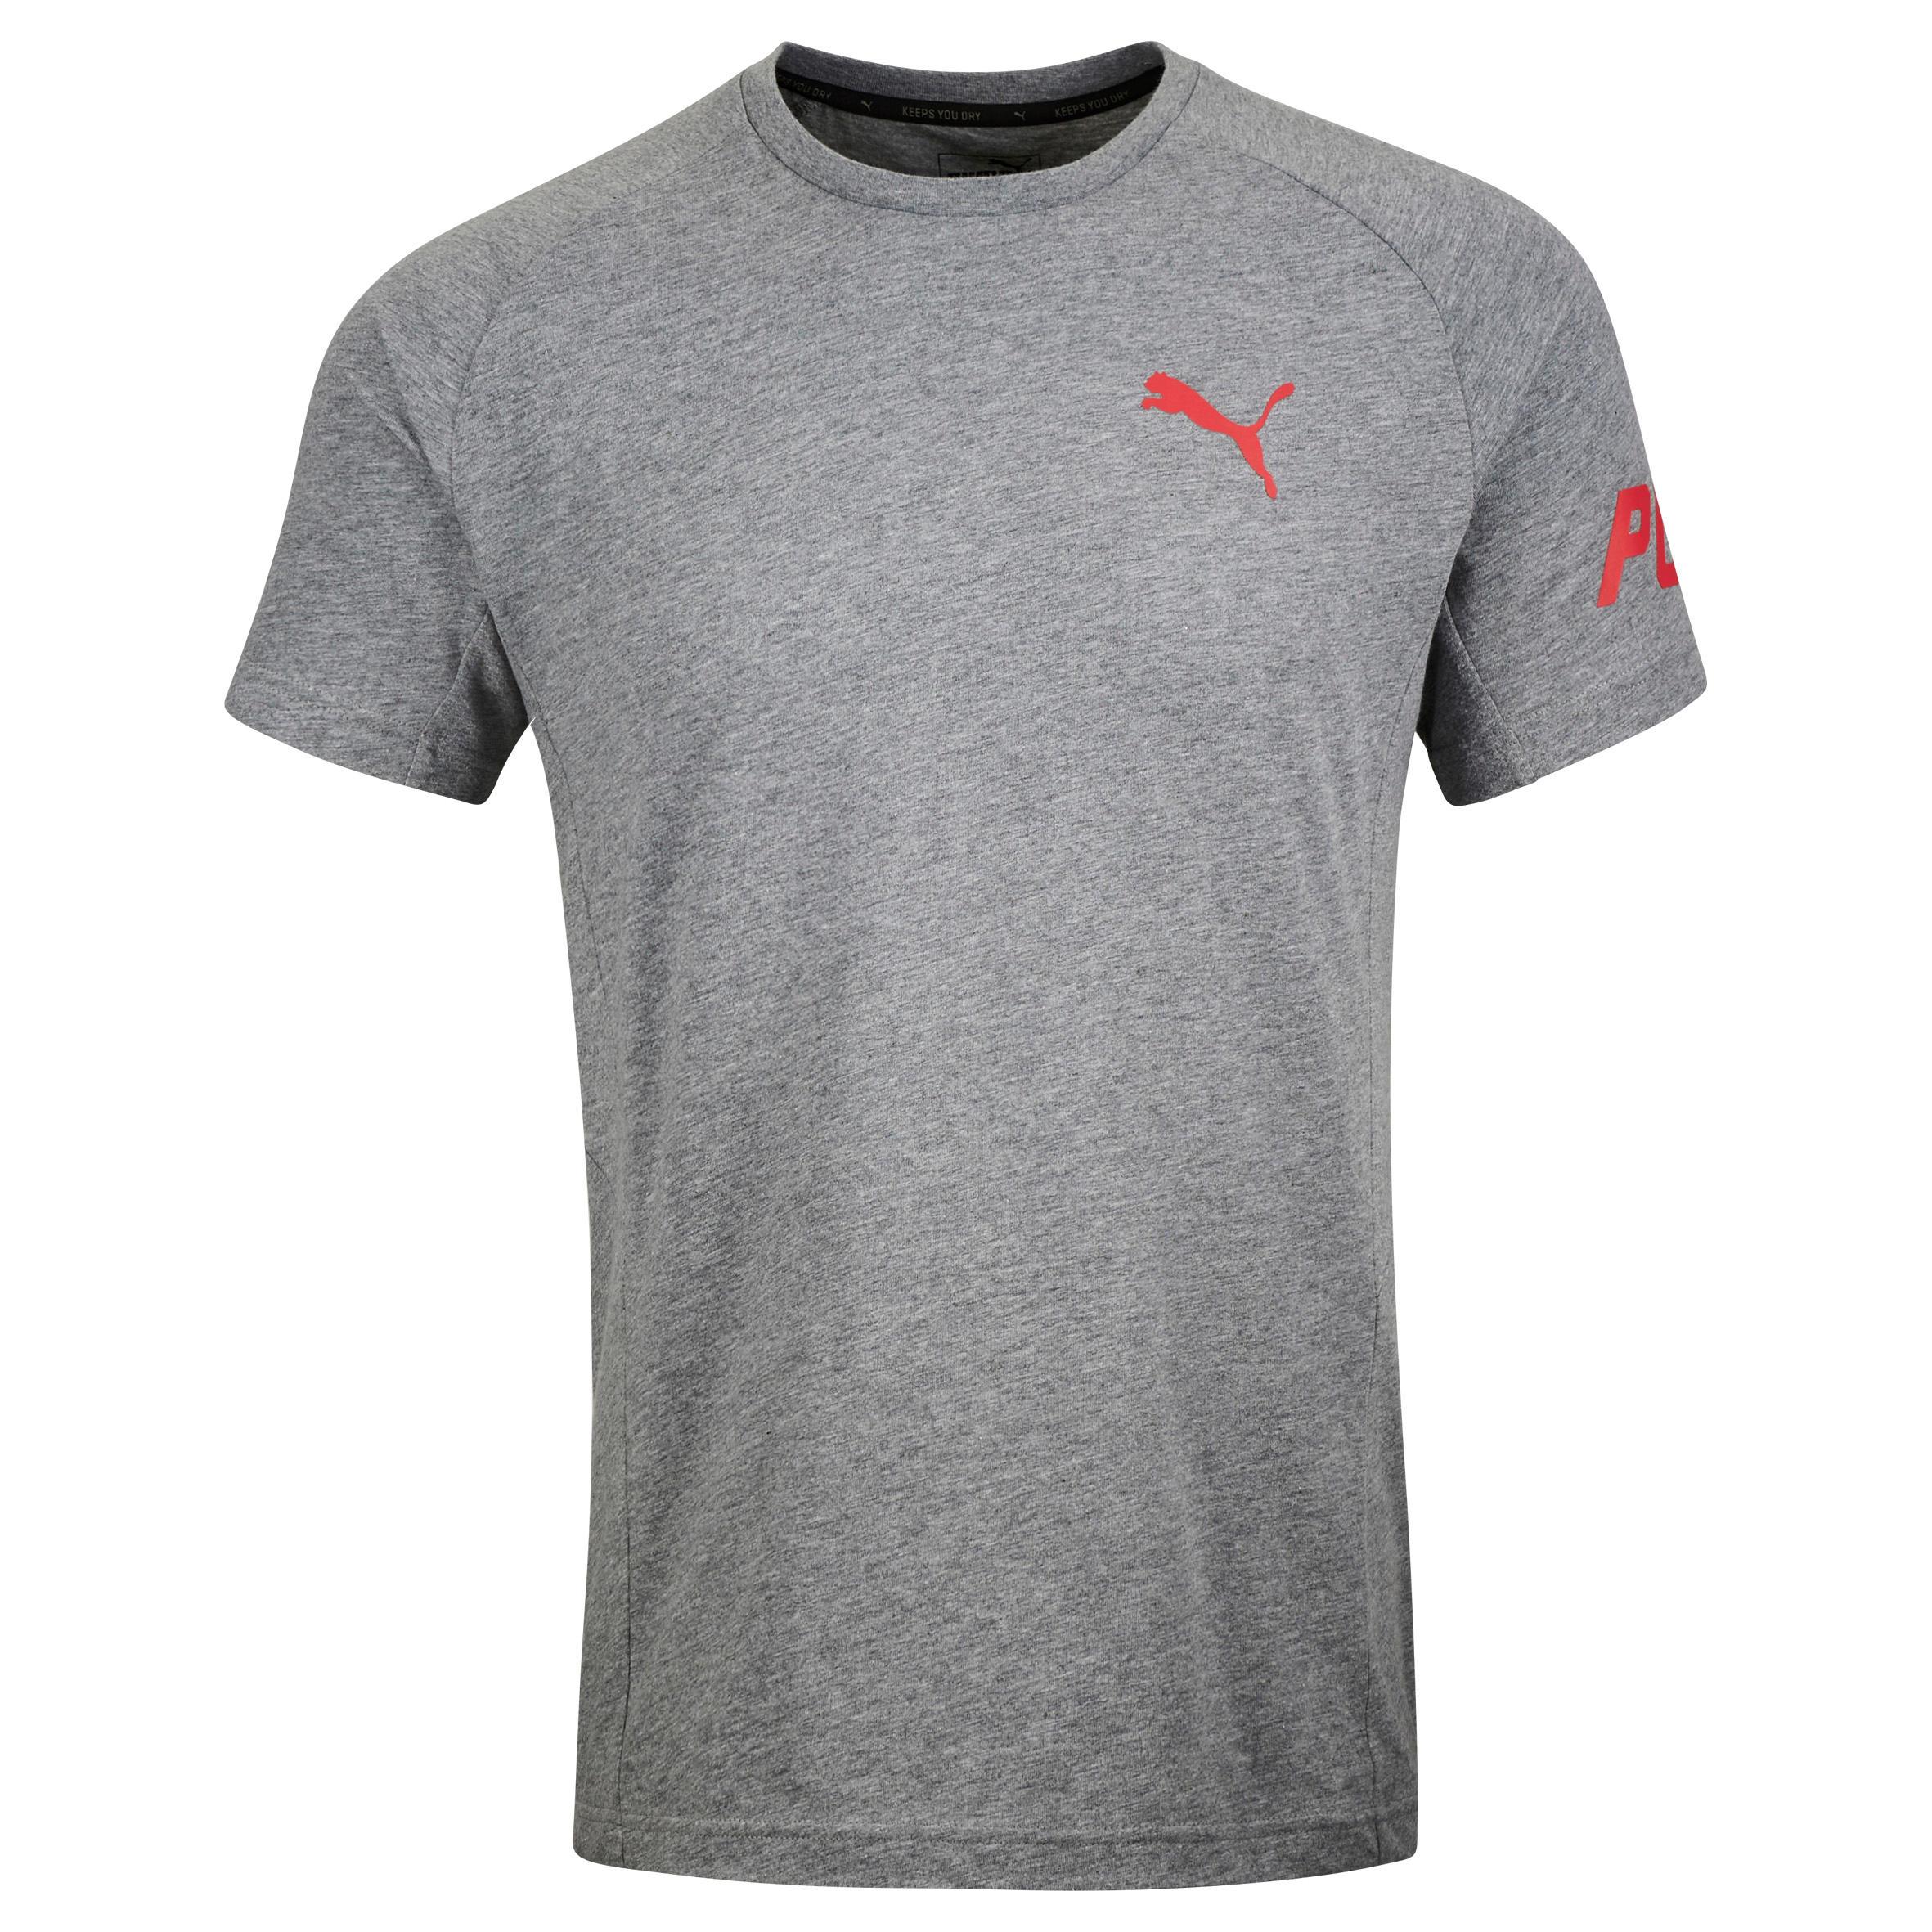 Puma Heren T-shirt Puma voor gym en pilates Active grijs